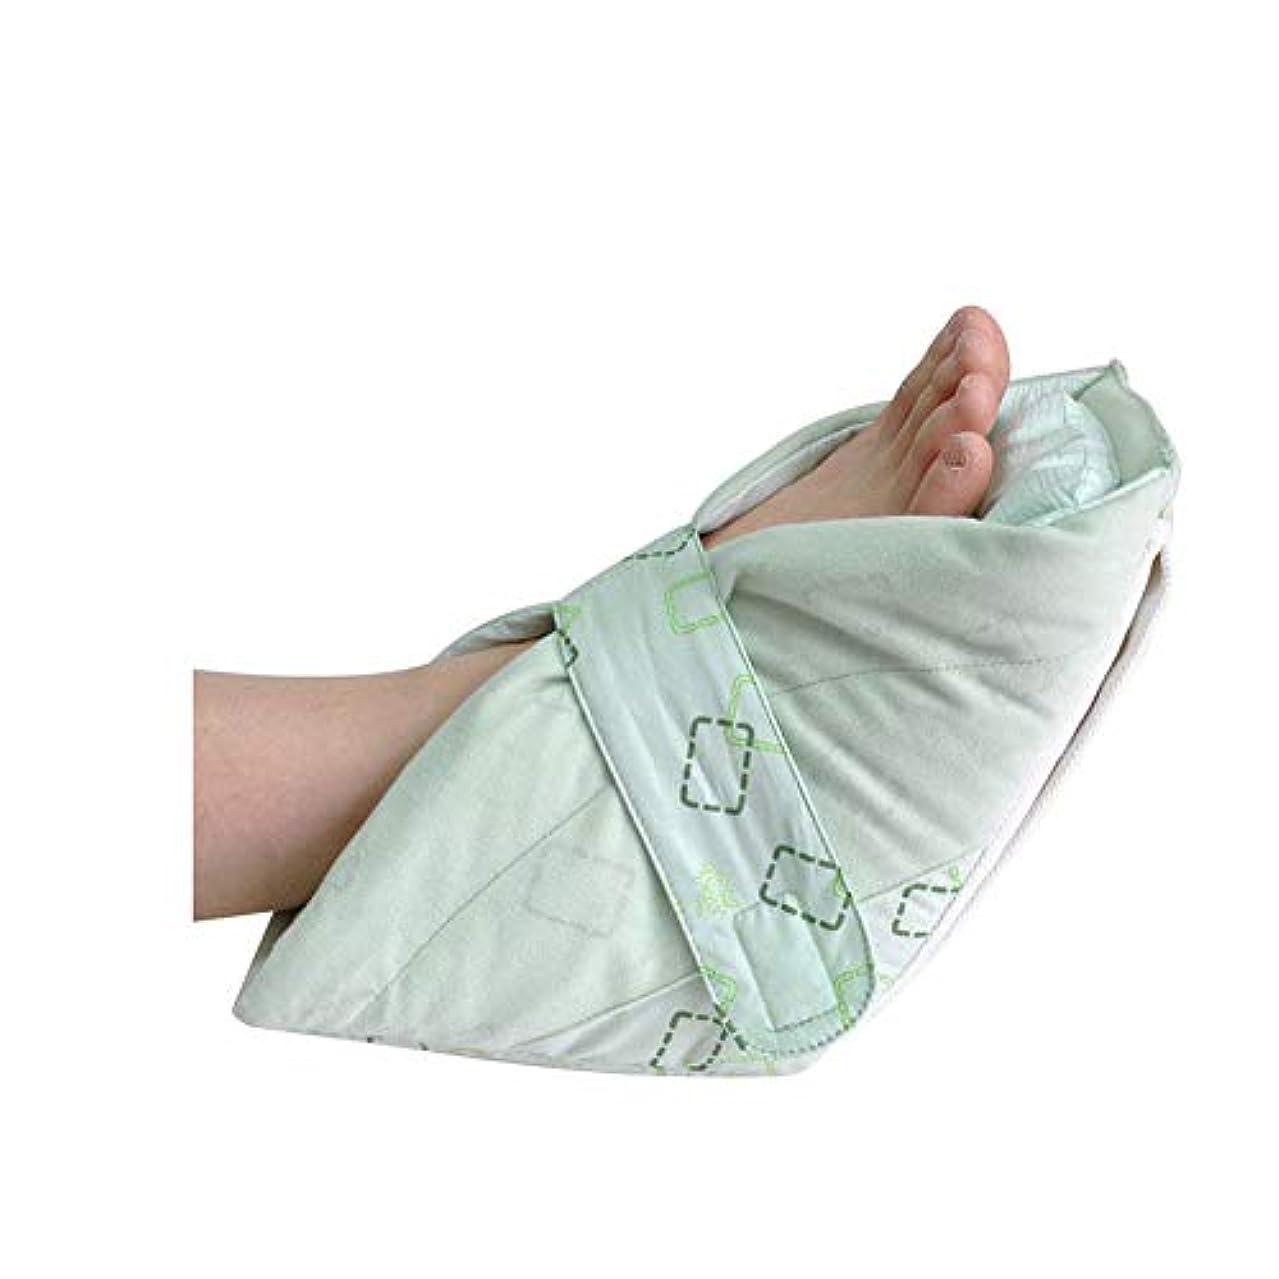 避難するスチール名誉ヒールプロテクター、ソフト慰めヒール枕、ヒールフロートヒールプロテクター、高齢者の足補正カバー,1Pc